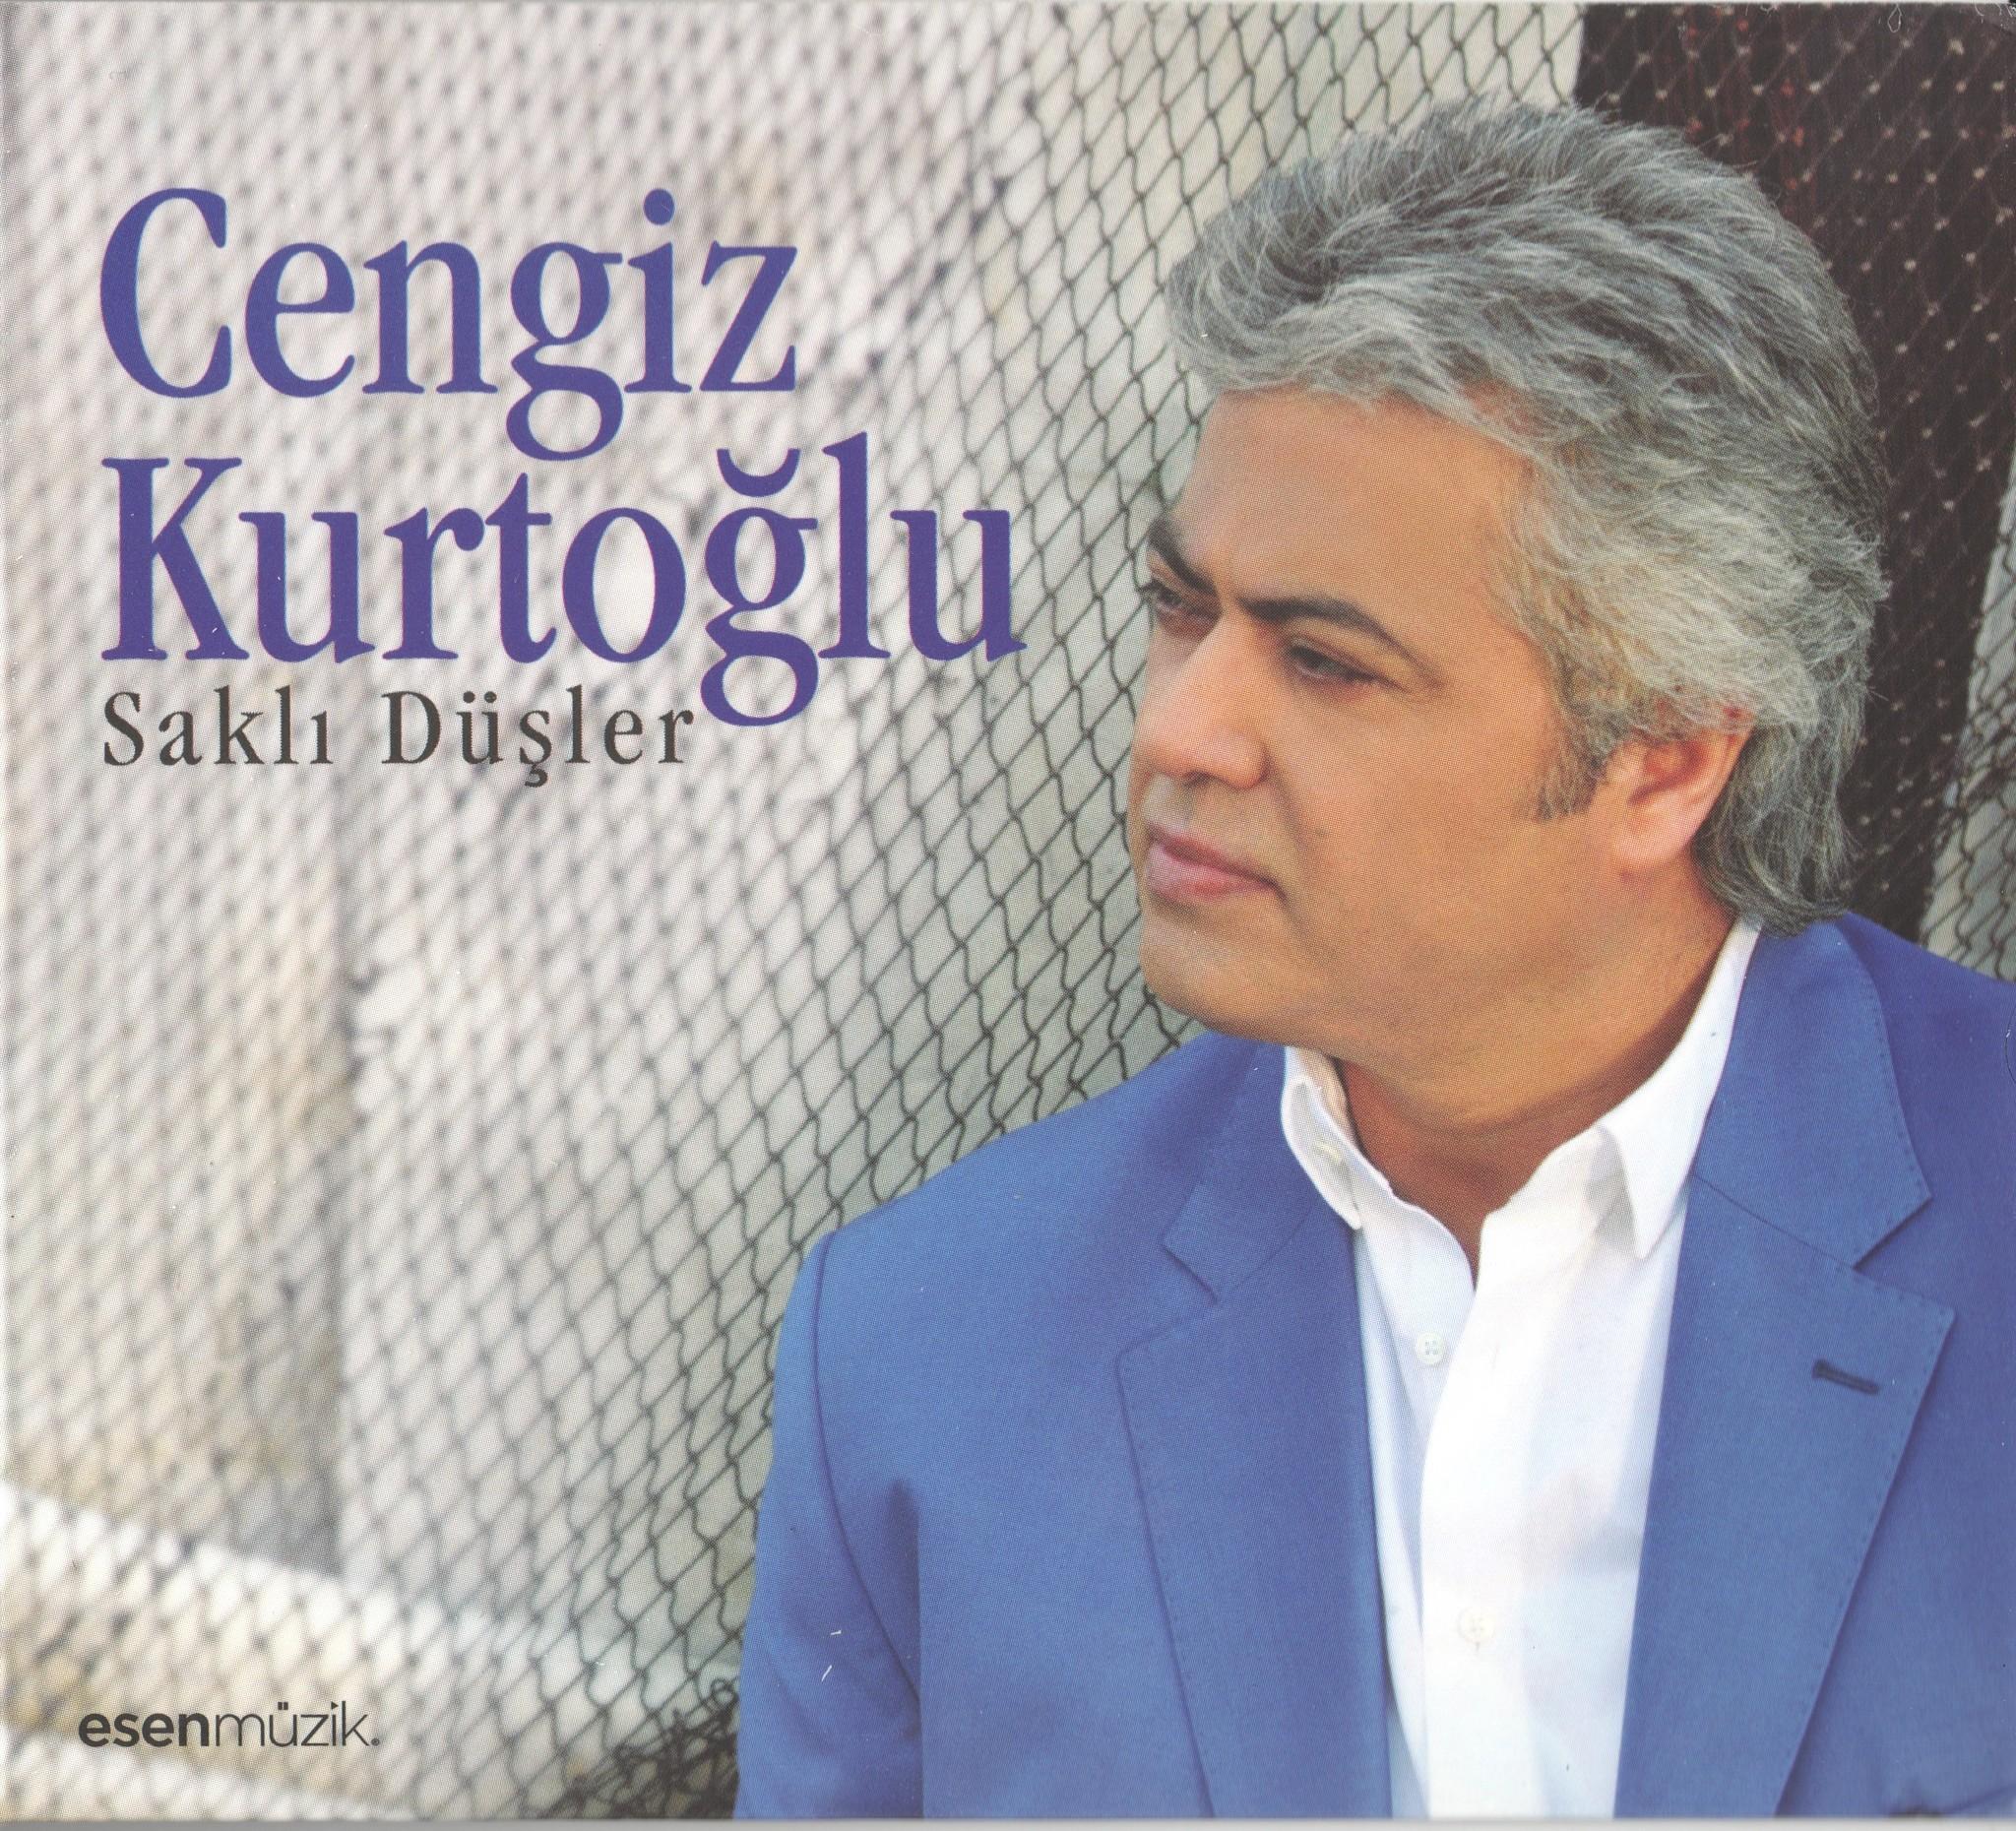 Cengiz Kurto�lu-Sakl� D��ler (2014) -320kbps + full cover